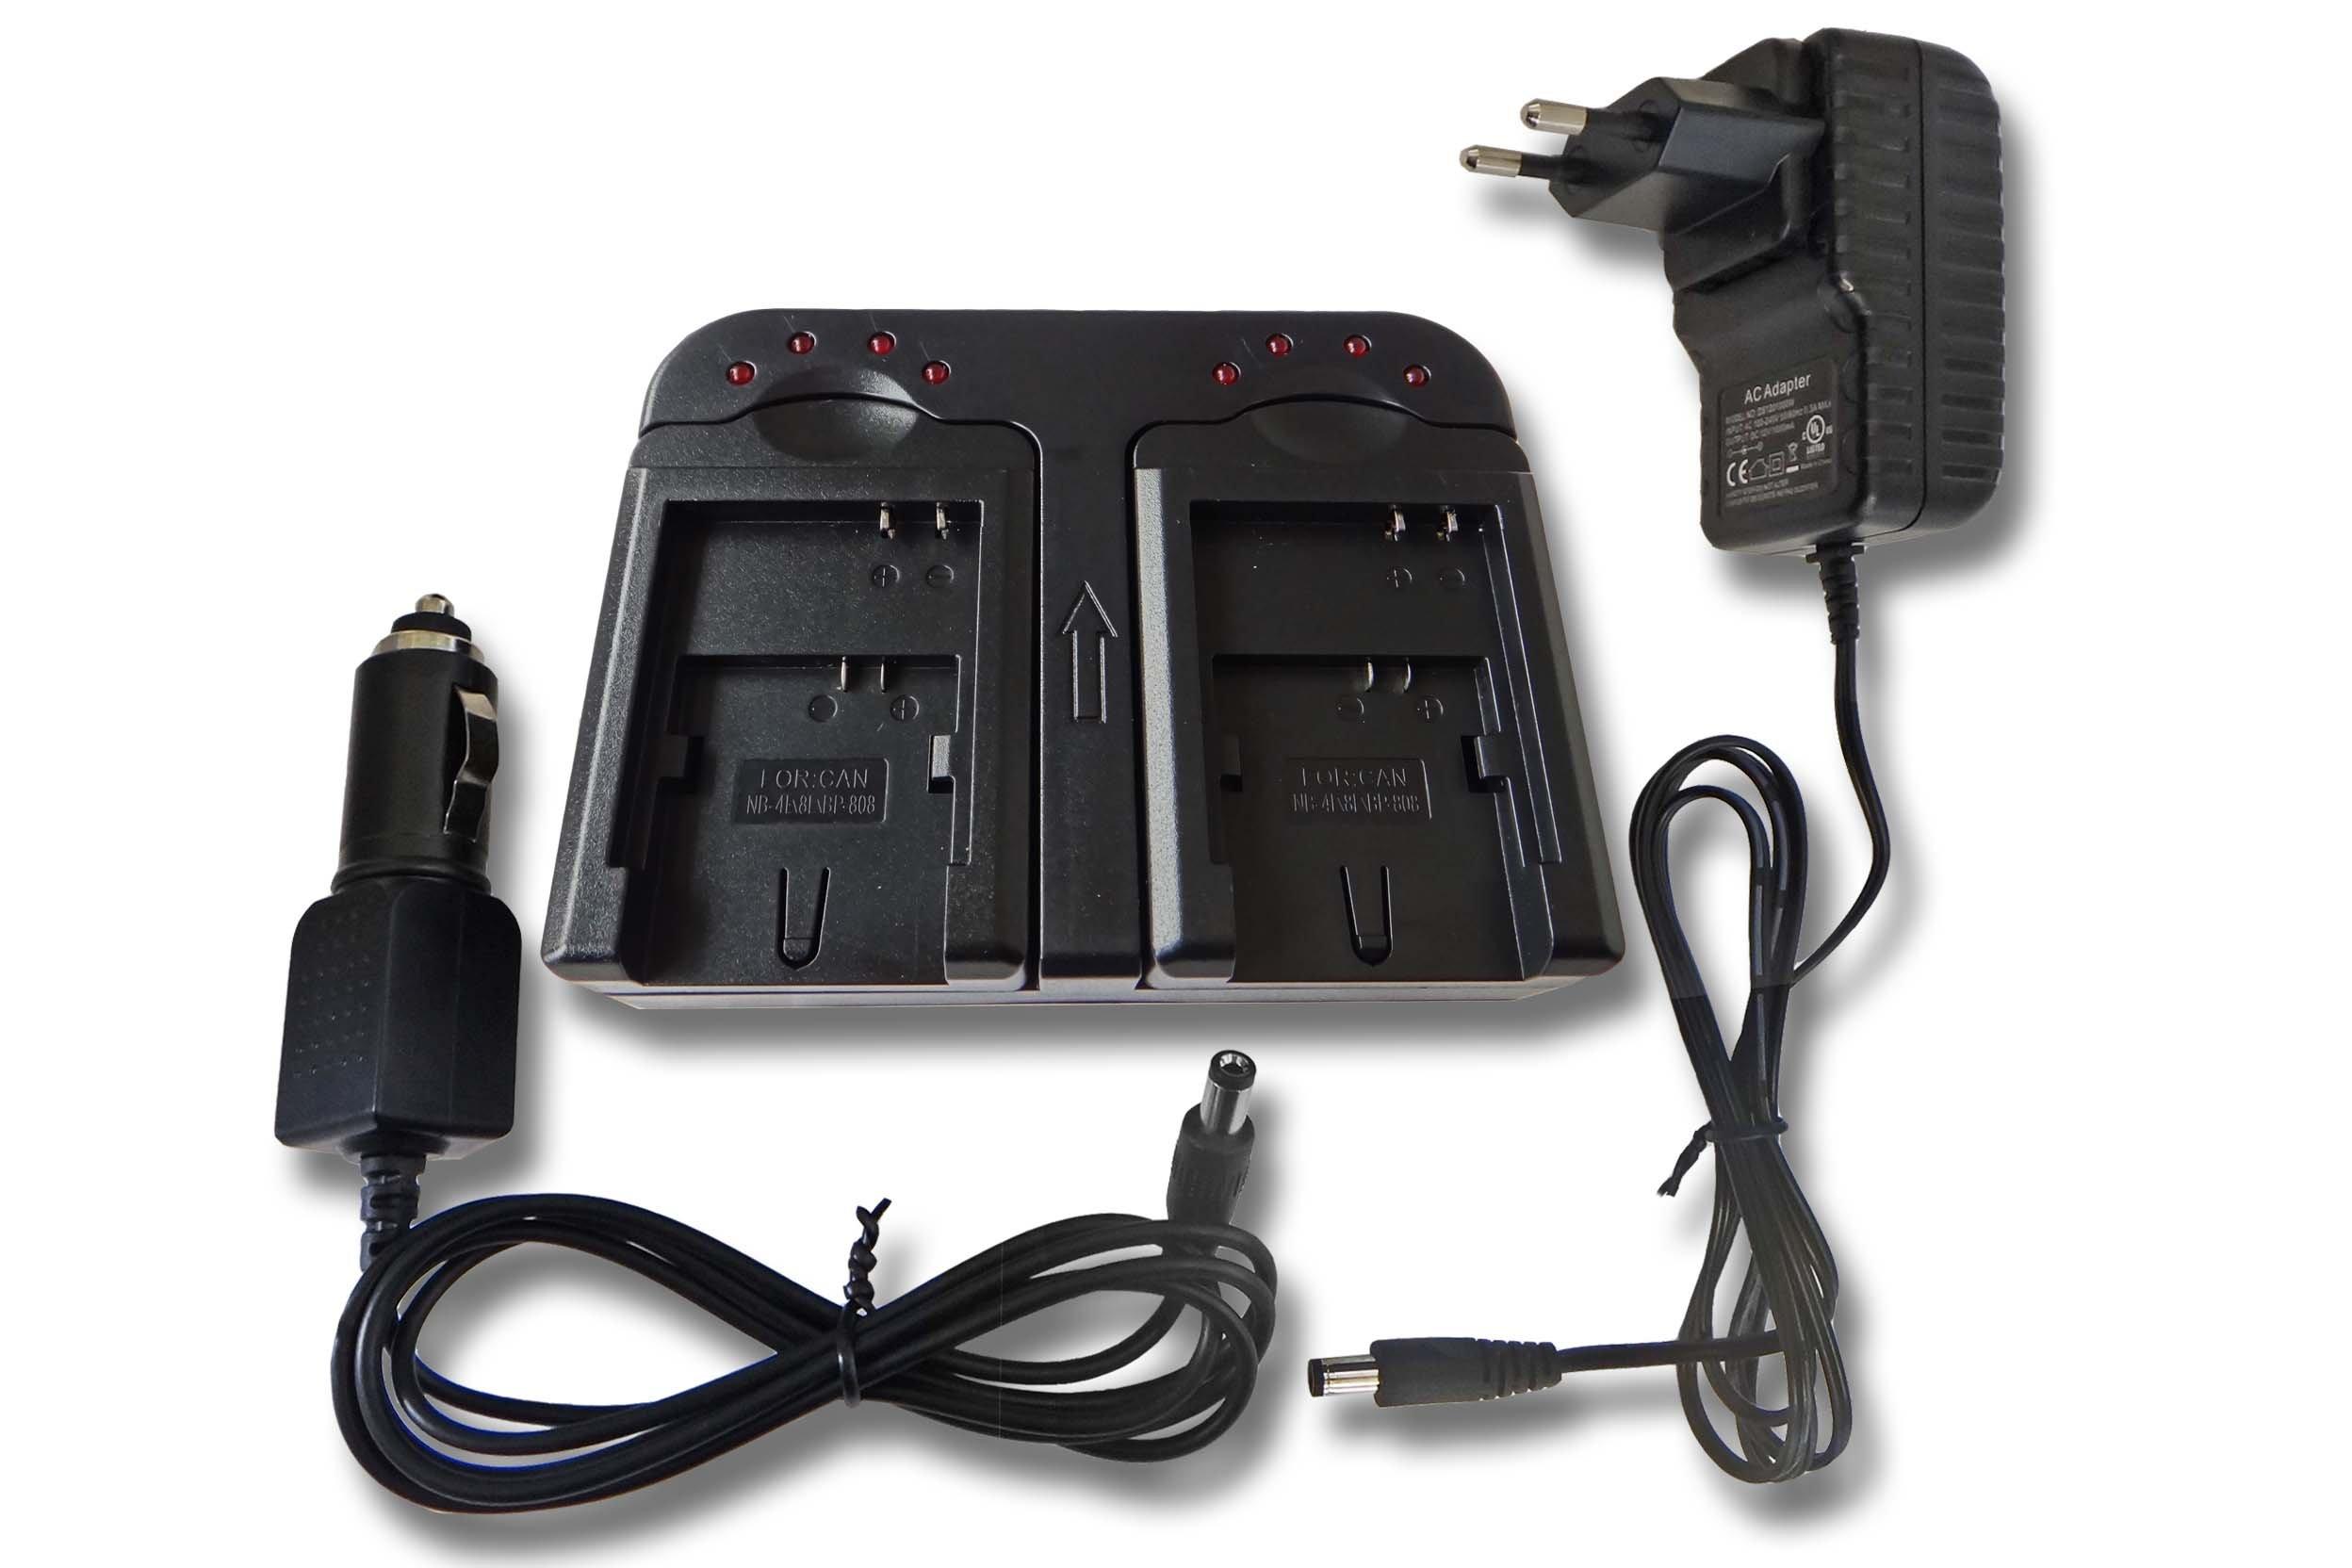 Caricabatterie doppio con adattatore auto per batterie Canon NB-4L, NB-8L, BP-807, BP-808, BP-819,